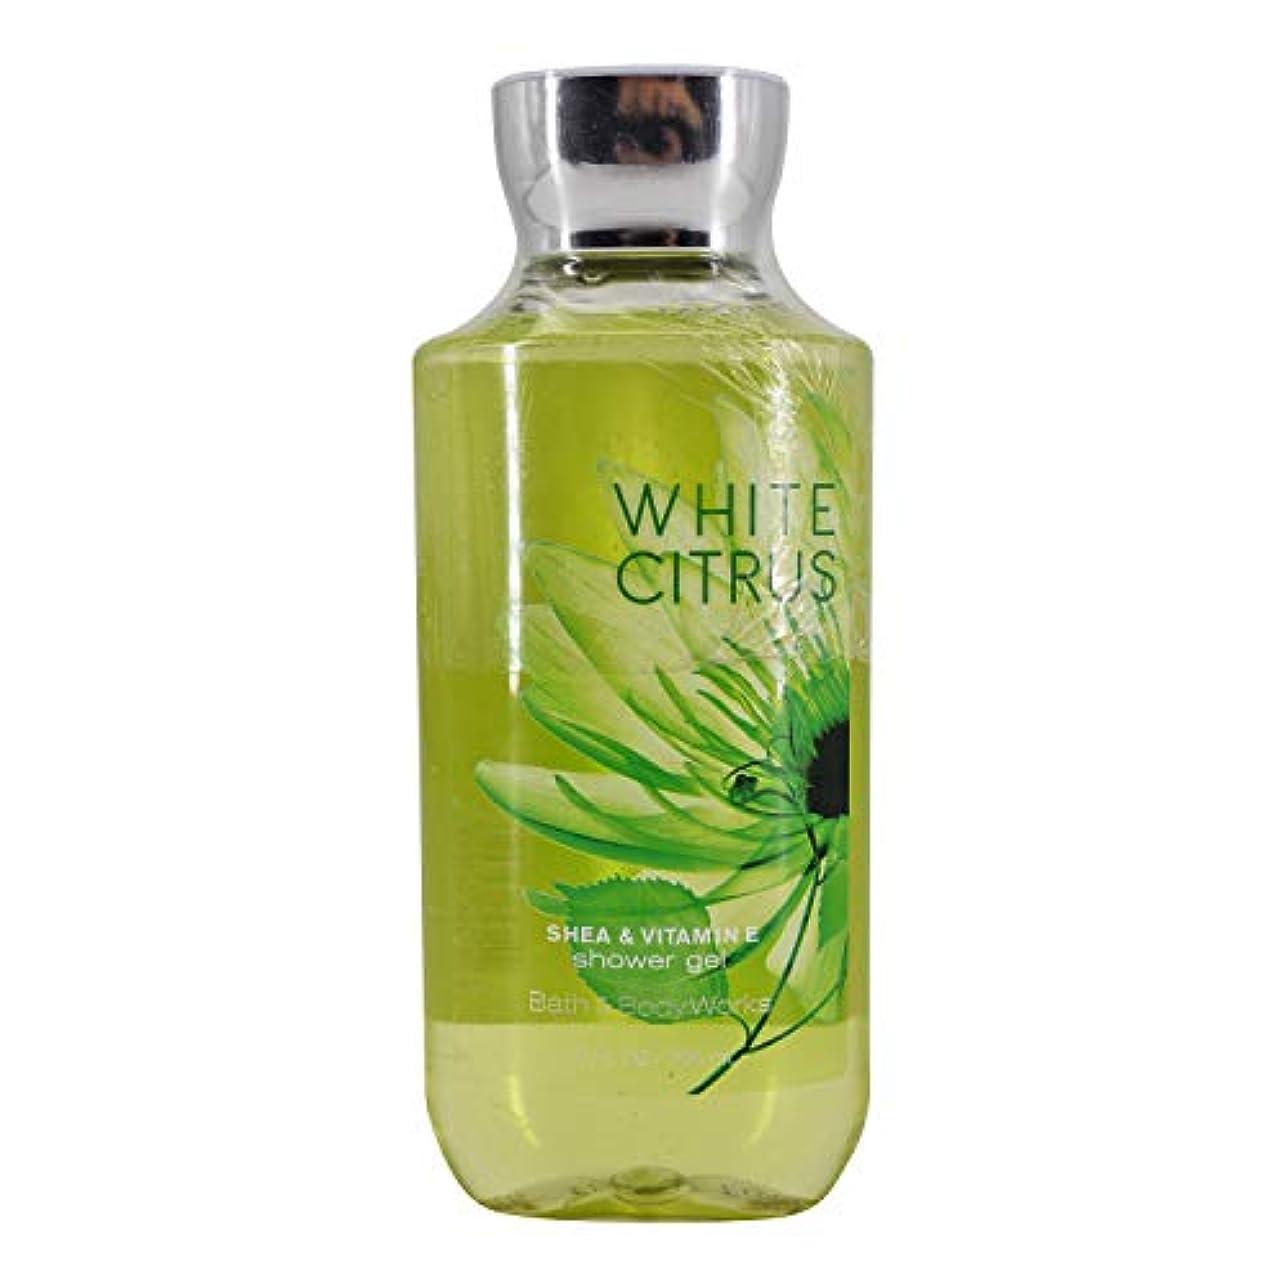 盲目豪華な彼女は【Bath&Body Works/バス&ボディワークス】 シャワージェル ホワイトシトラス Shower Gel White Citrus 10 fl oz / 295 mL [並行輸入品]